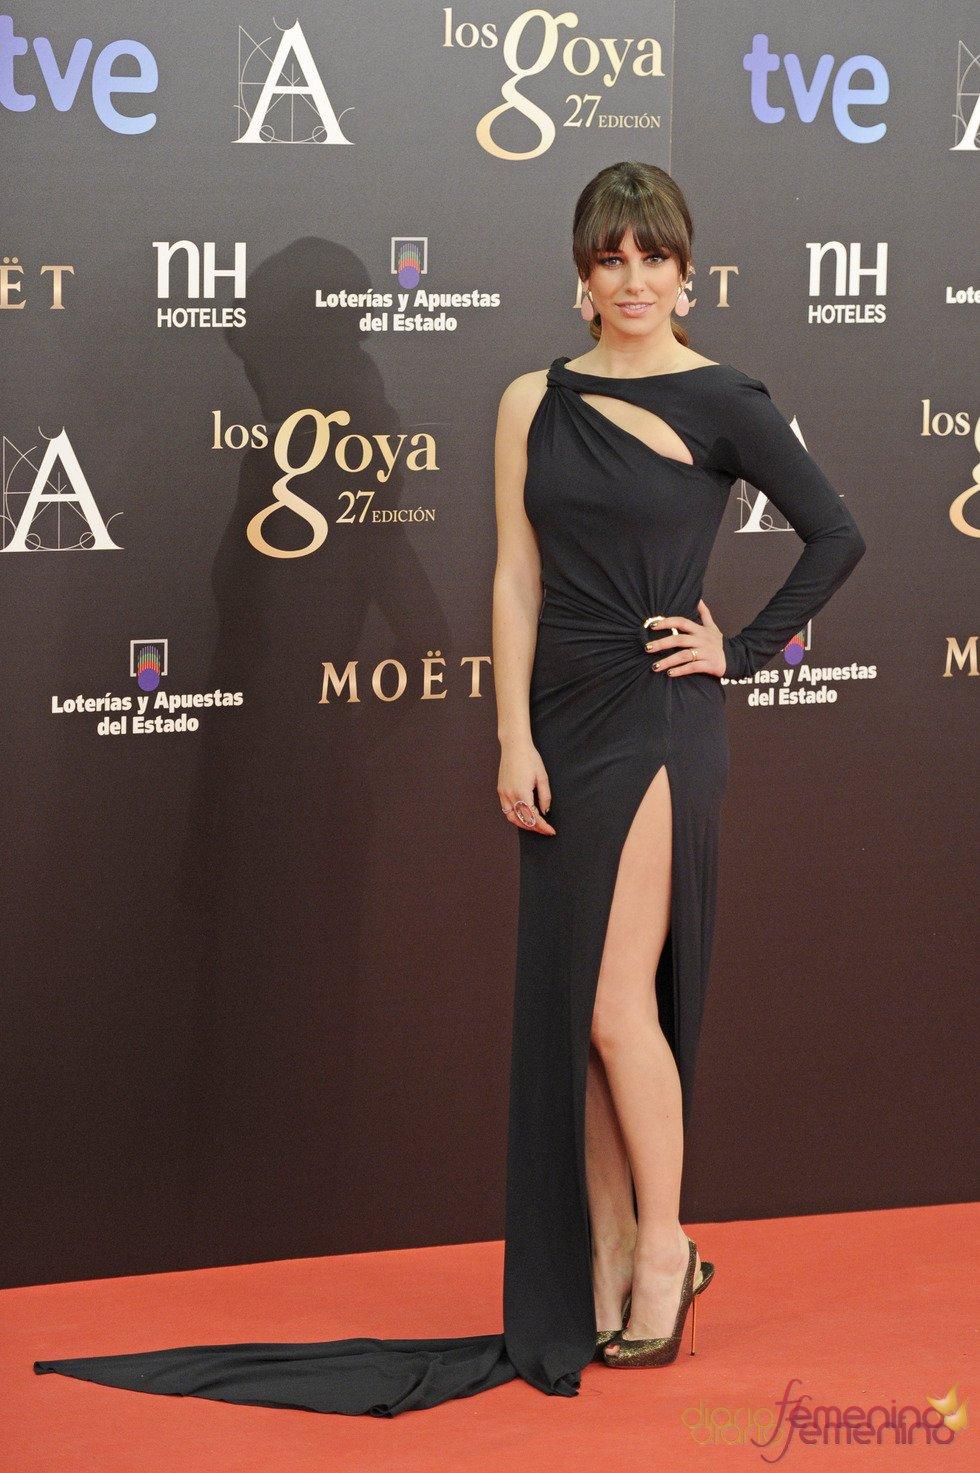 Vestidos de noche: Original vestido negro de Blanca Suárez